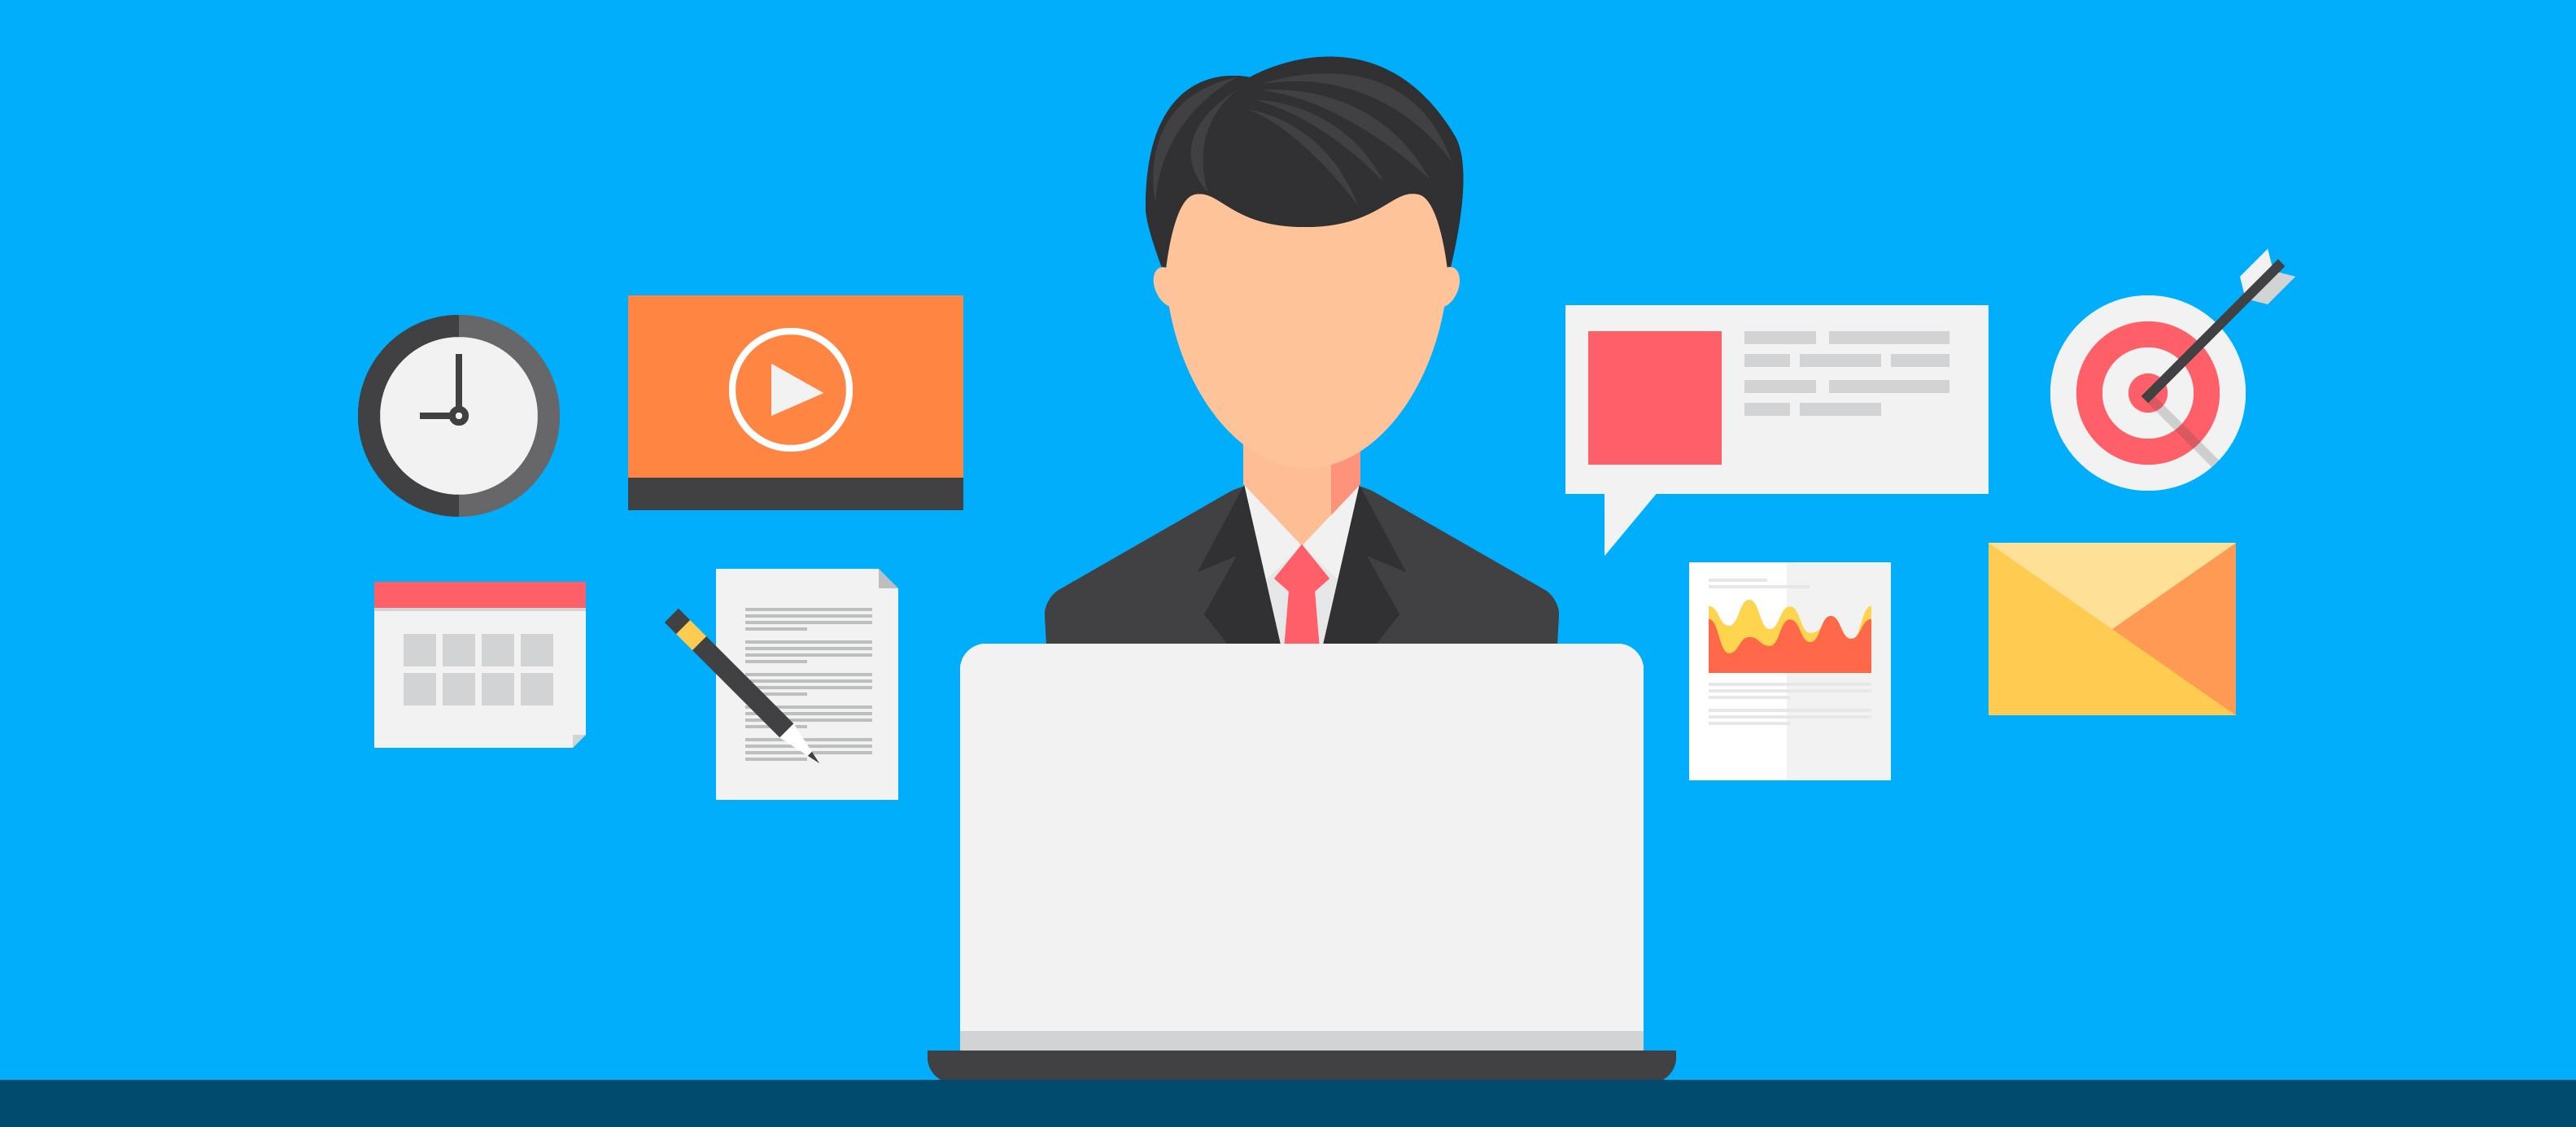 Spécial Centre d'Appels : améliorez votre productivité tout en soignant l'Expérience Client 24